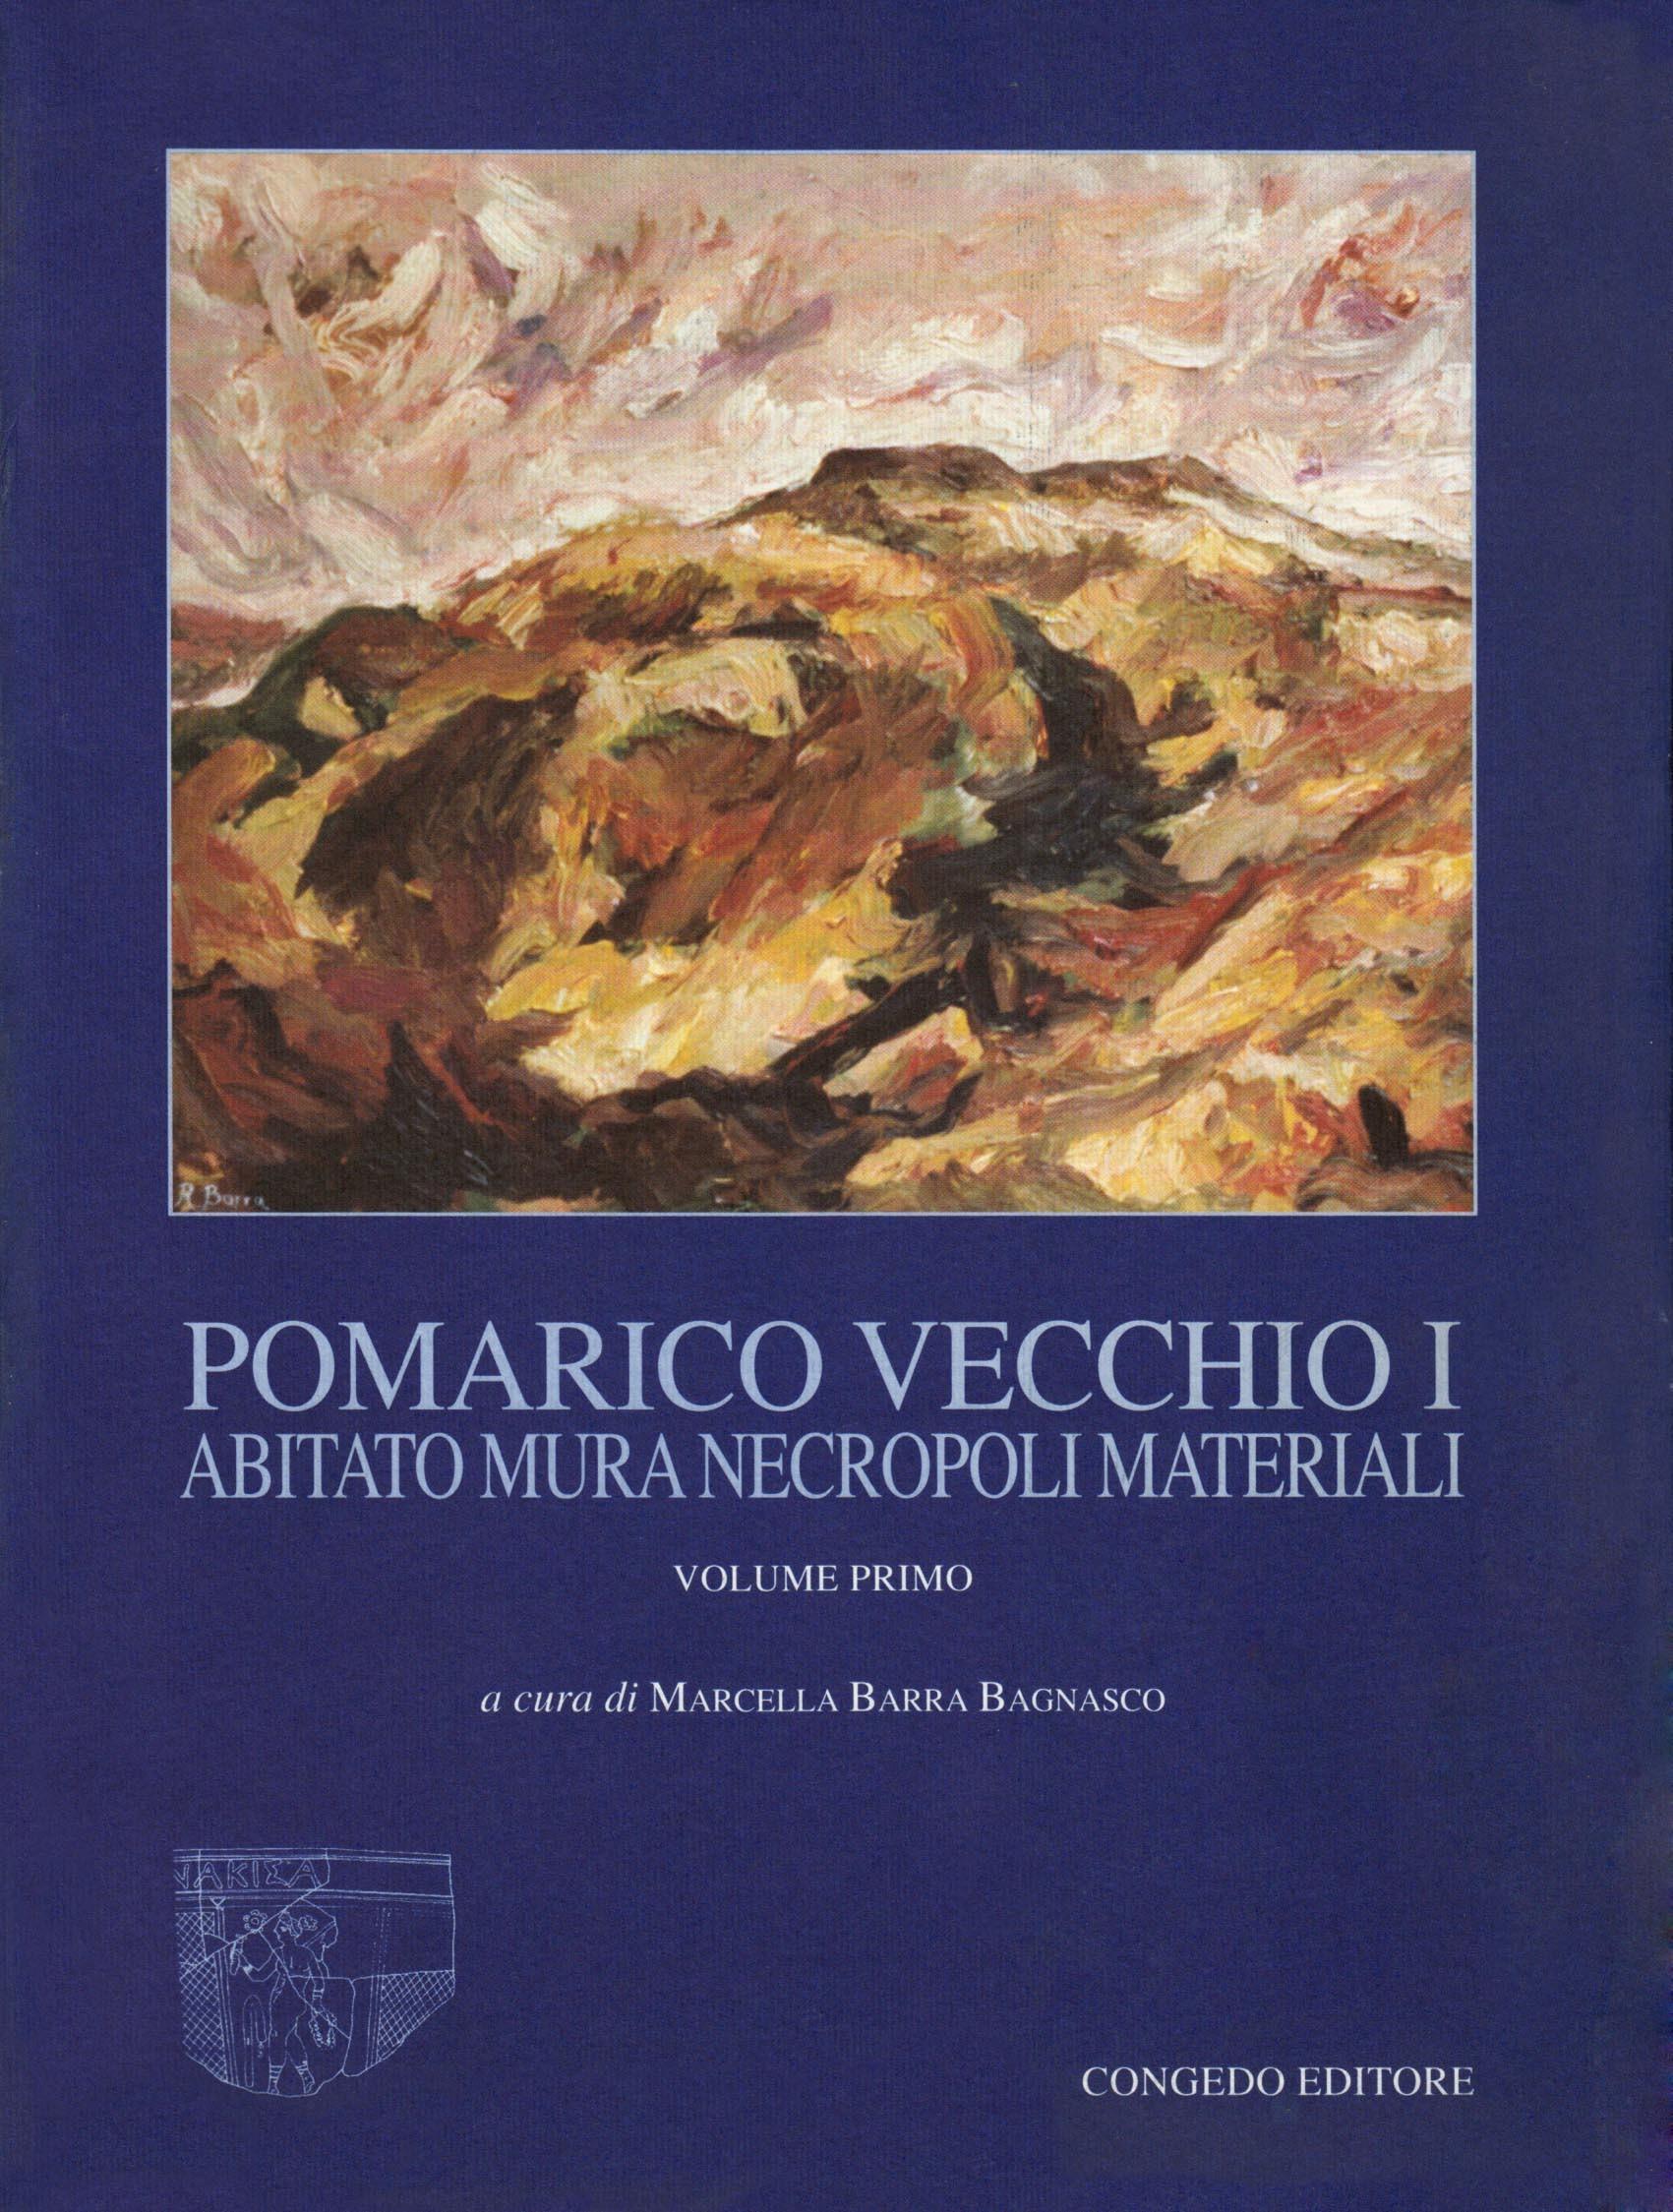 Pomarico Vecchio I - Abitato mura necropoli materiali (I tomo)